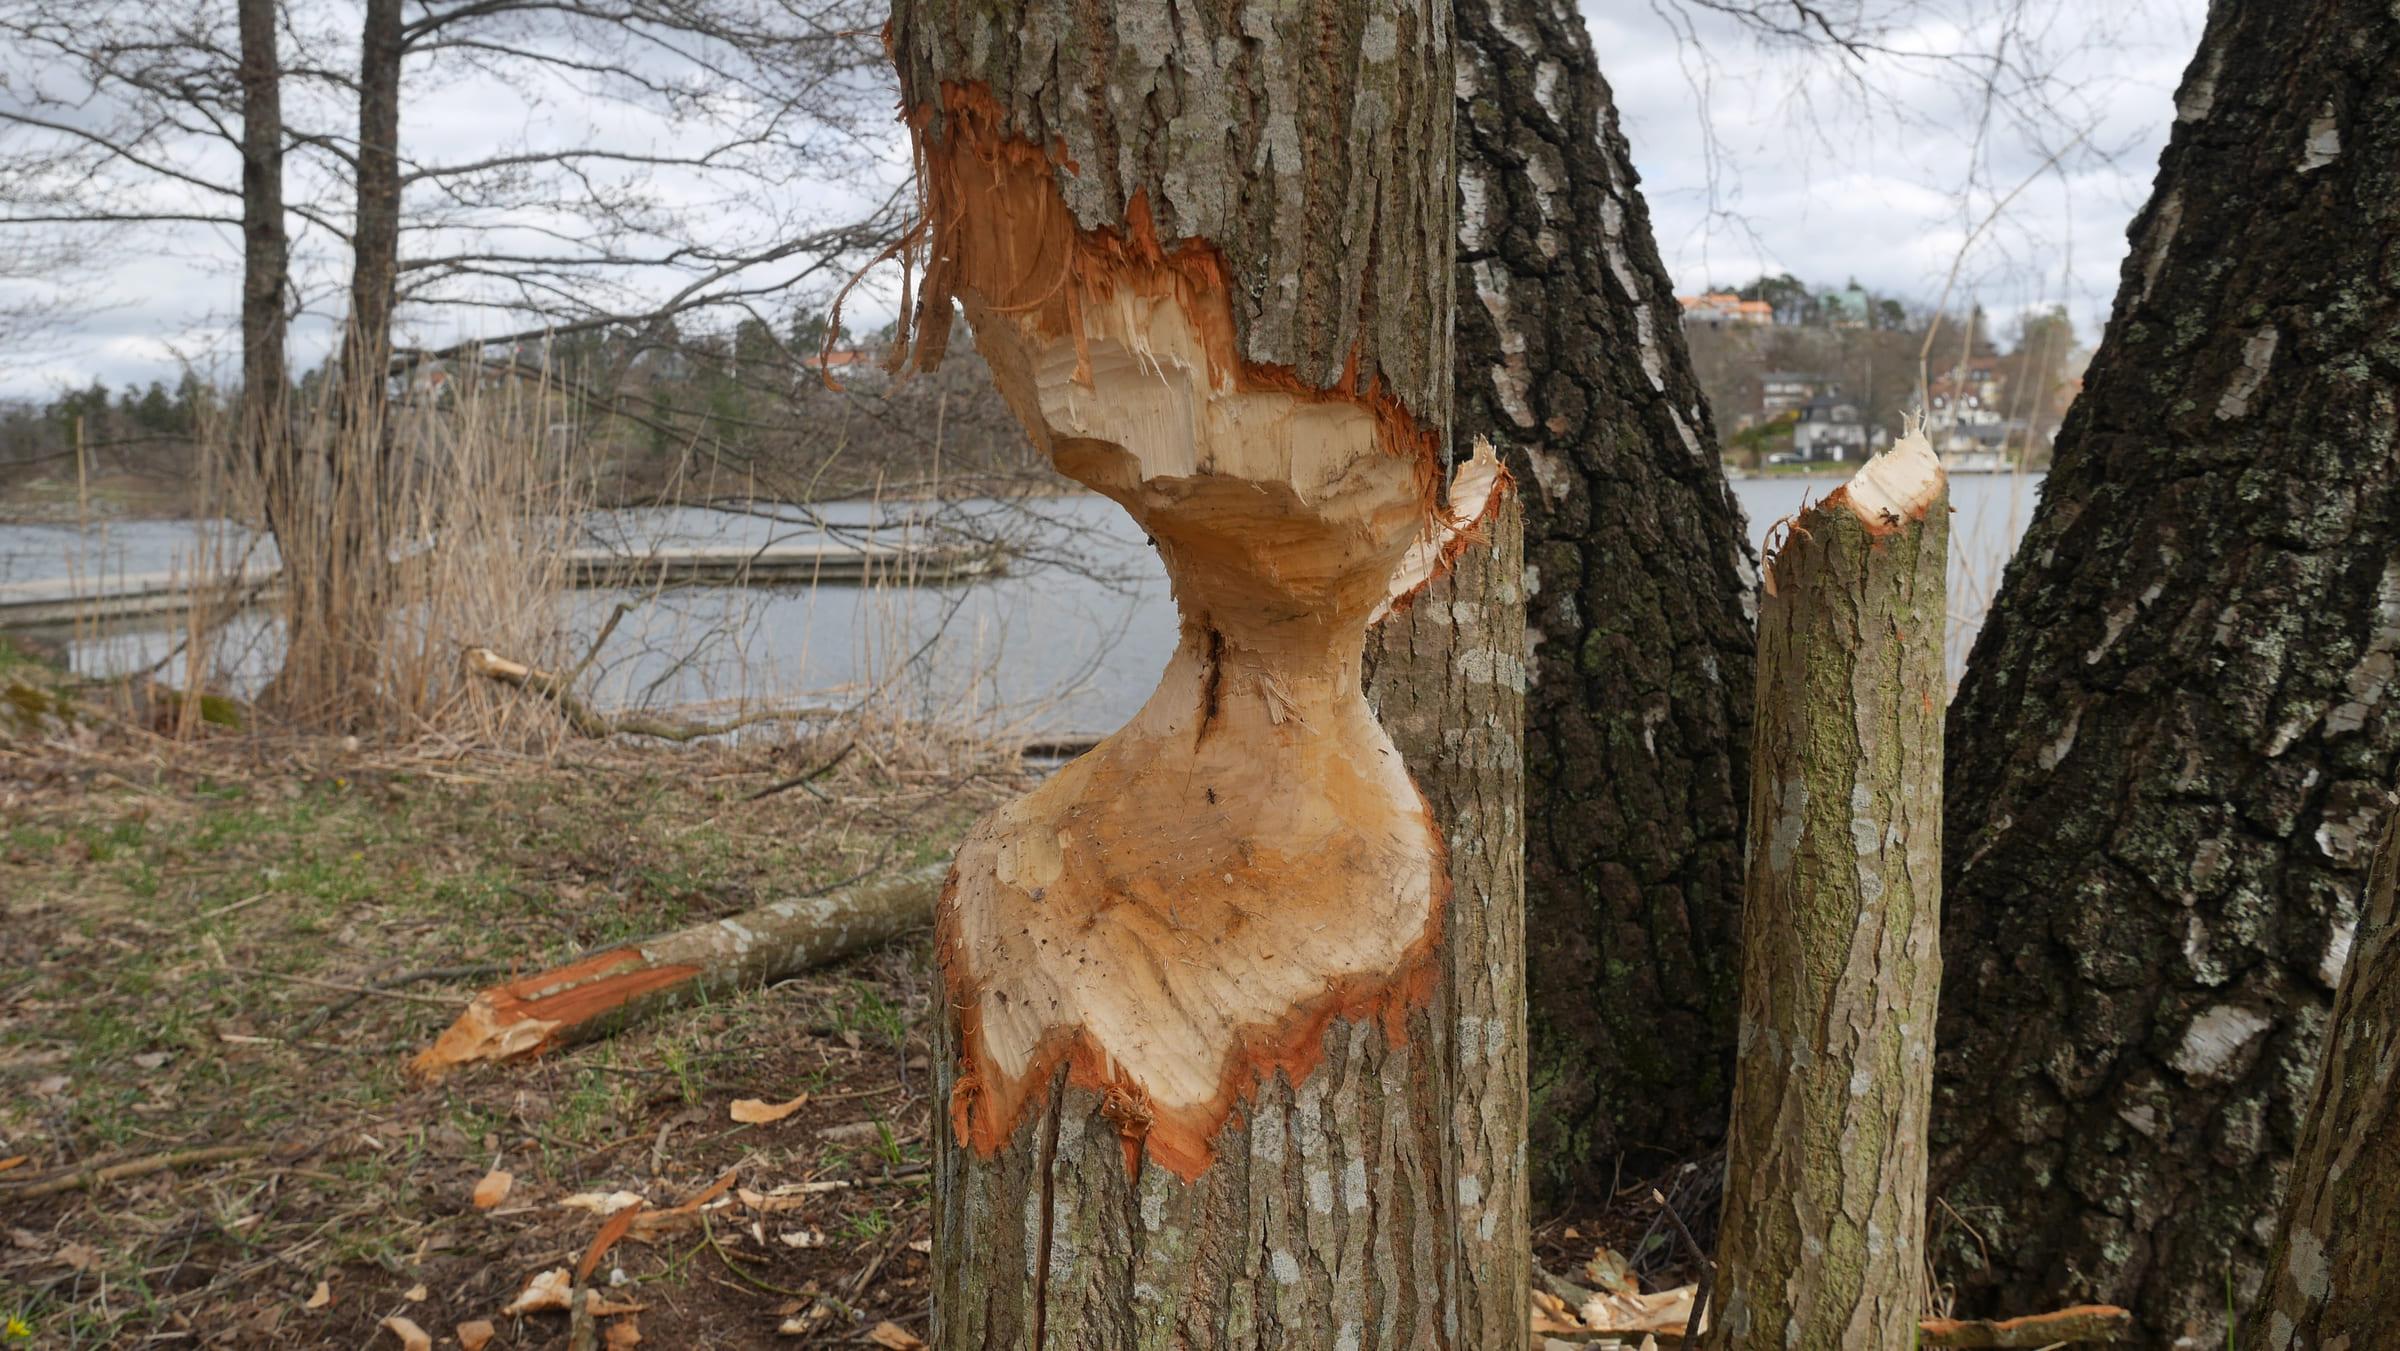 Ein Baum, der von einem Biber benagt wurde.